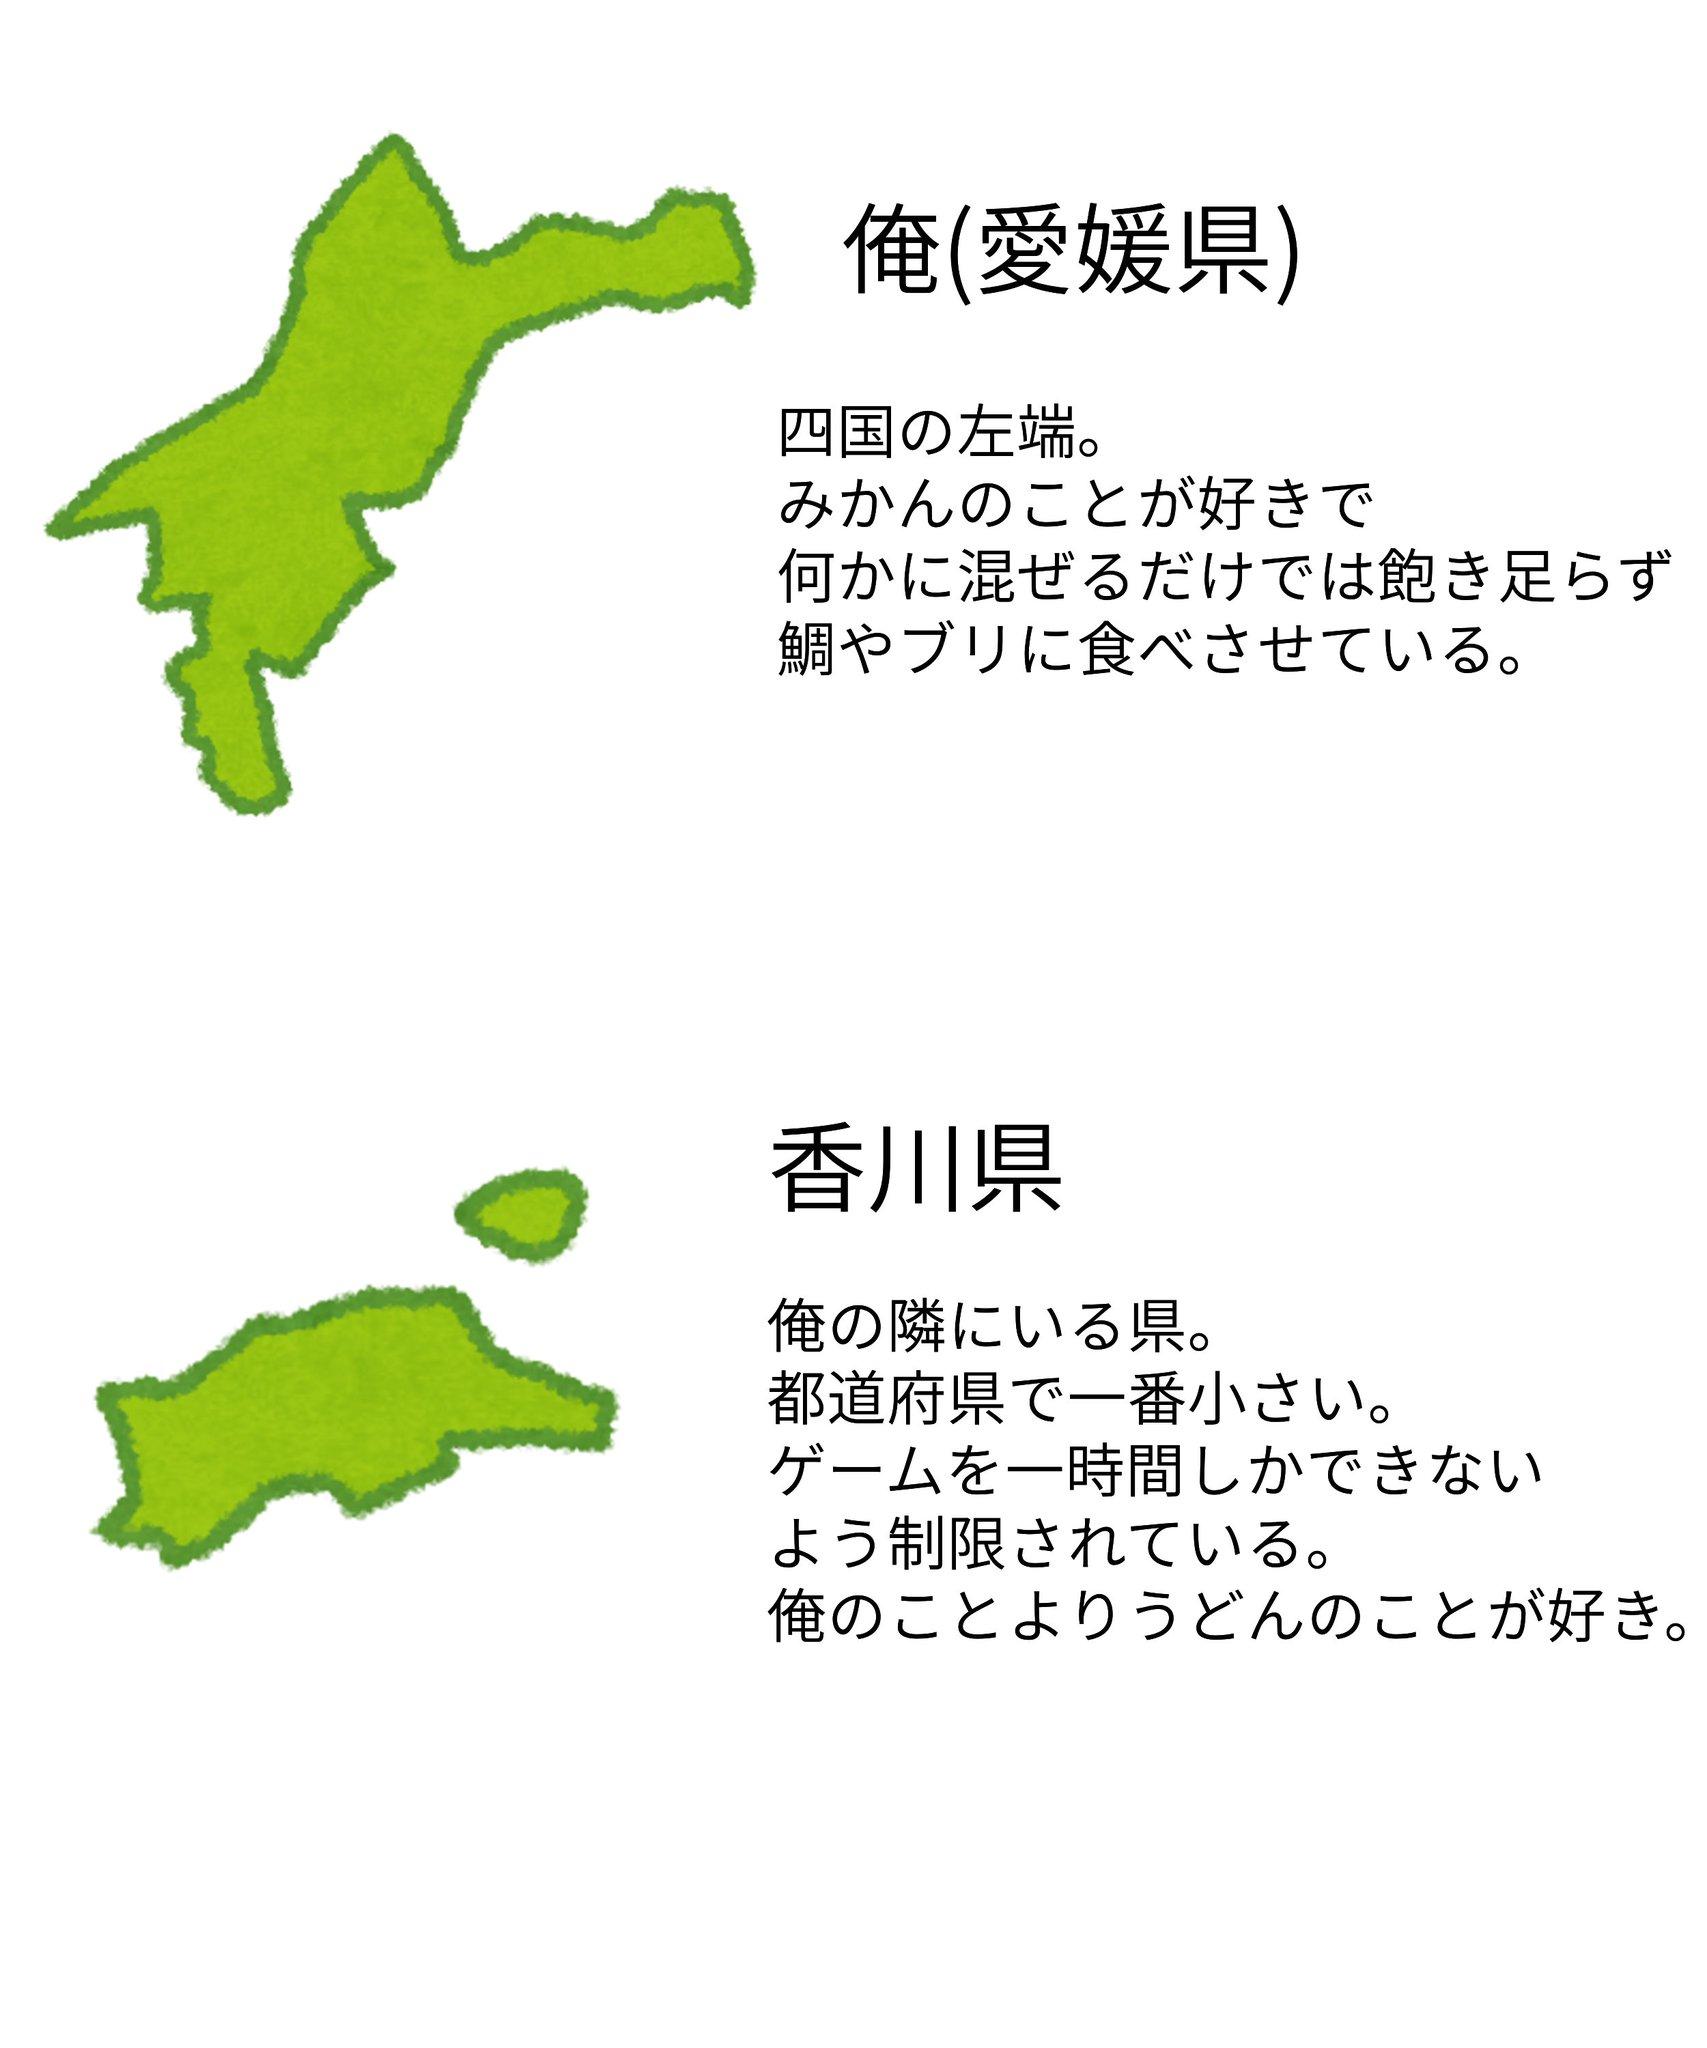 愛媛県から見る?愛媛県を取り巻く四国の相関図www